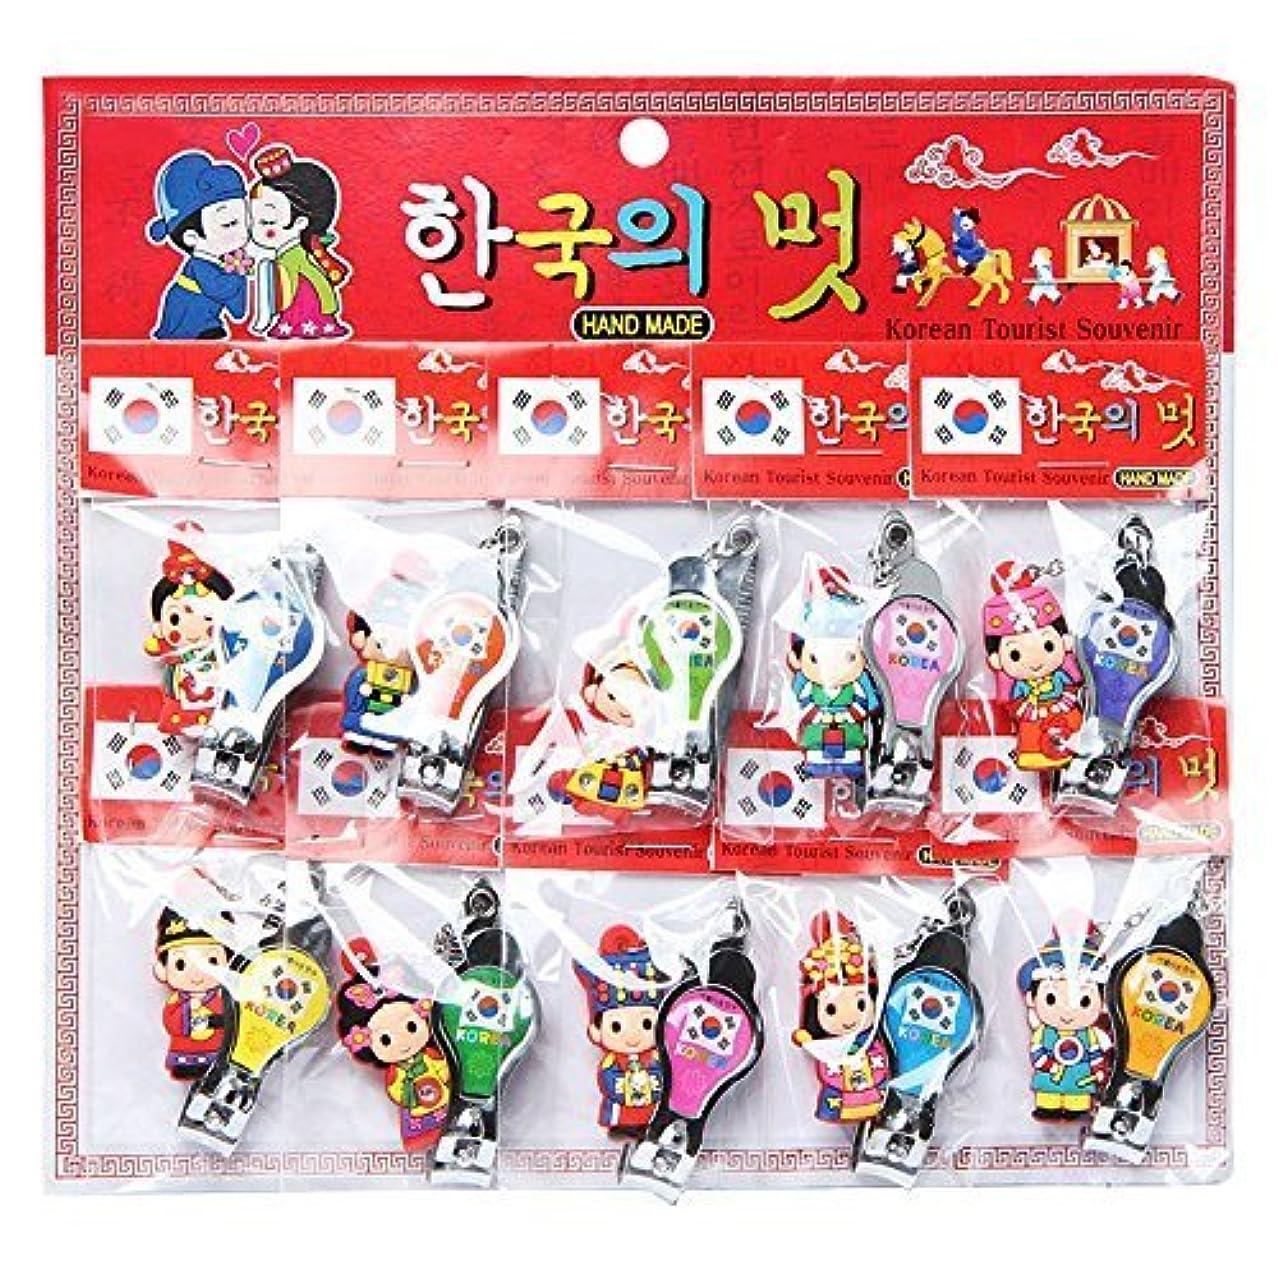 中央値カール三番KOREA style Nail clippers / 韓国のお土産ギフト [並行輸入品]